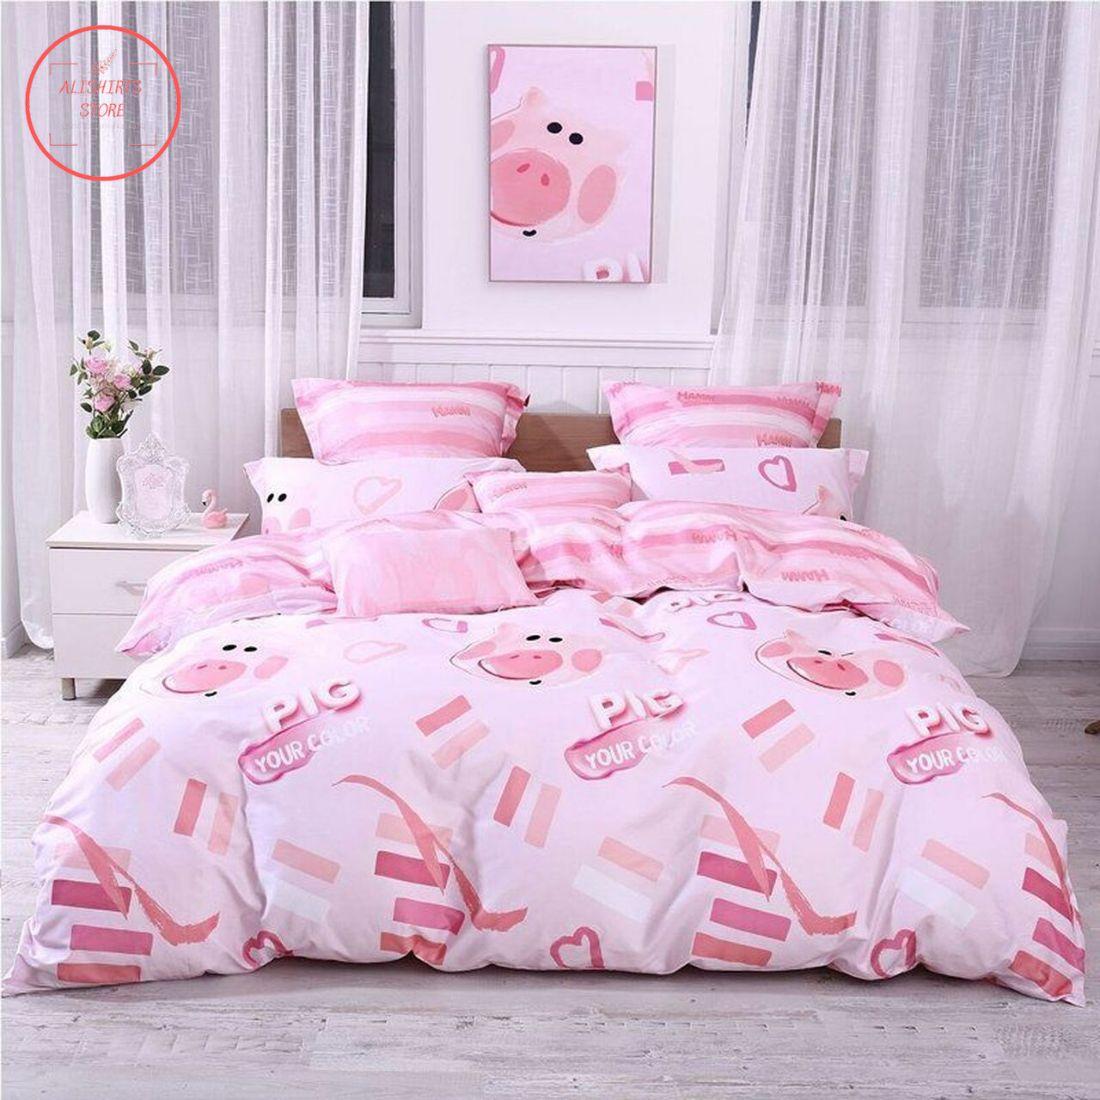 Cute Pig Girls Bedding Set